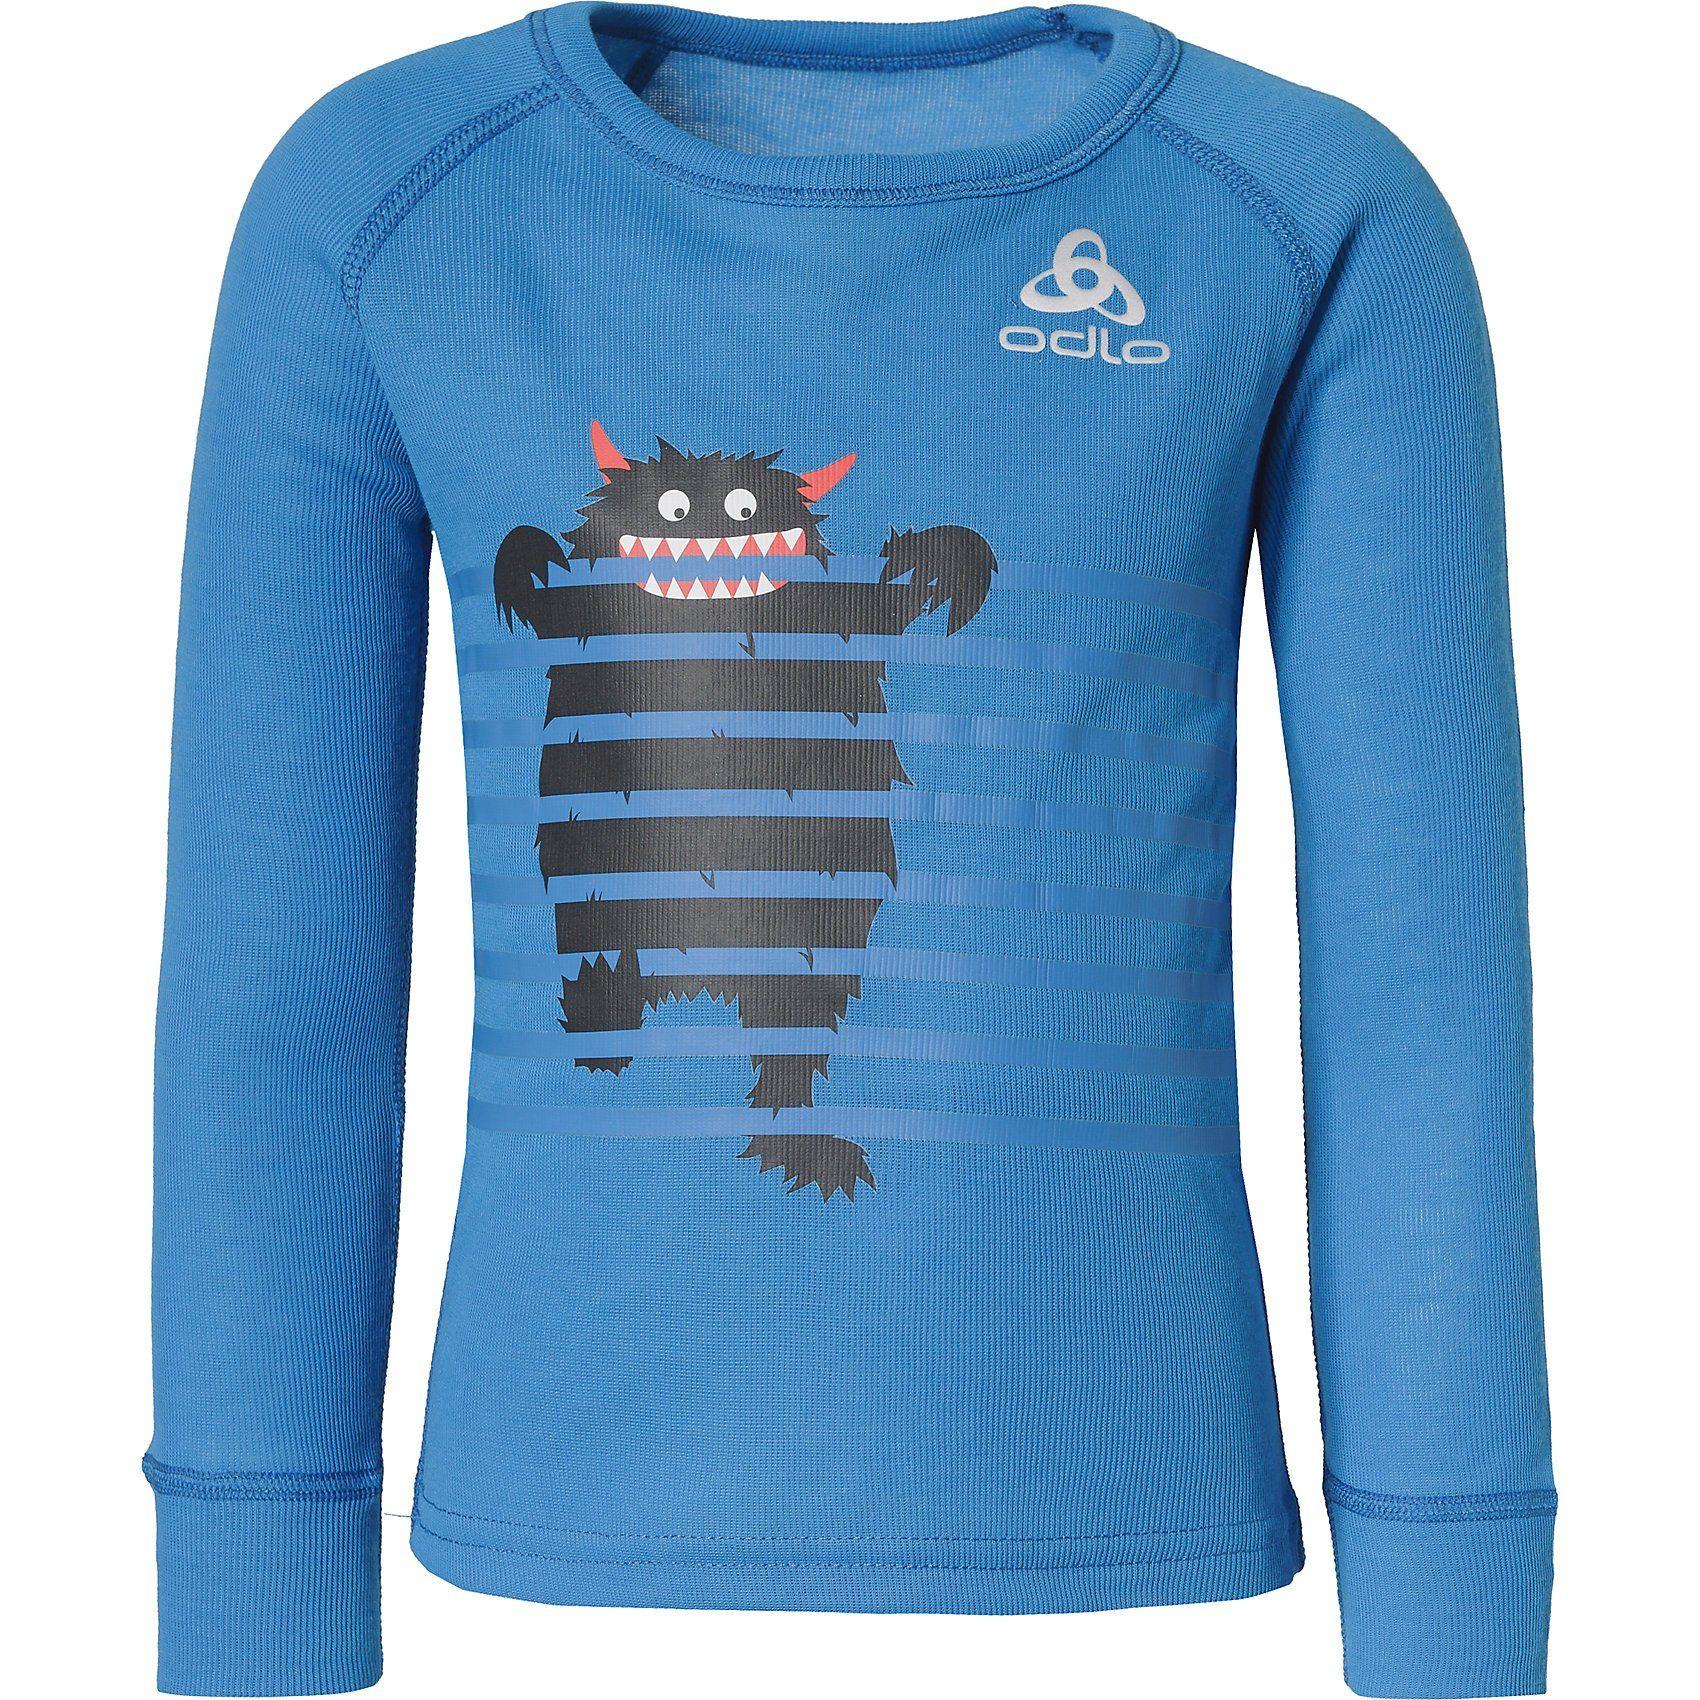 Baby,  Kinder,  Damen,  Mädchen,  Kinder Odlo Baby Funktionsshirt ACTIVE WARM für Mädchen blau   07613361243615, 07613361243622, 07613361498107